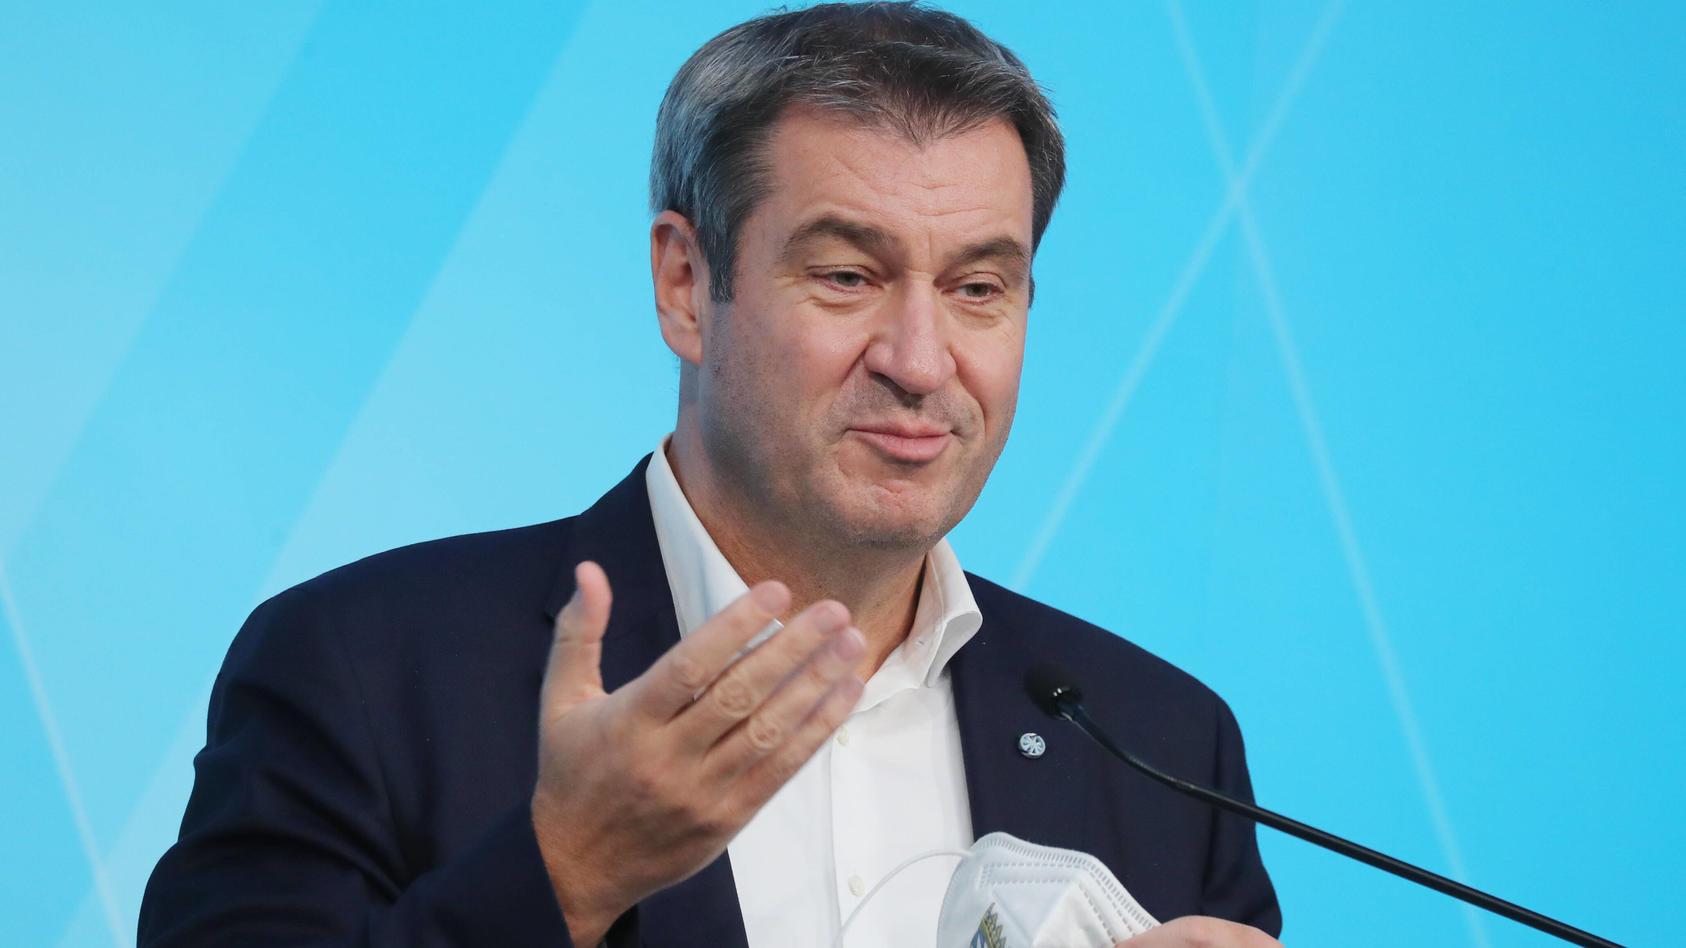 Pressekonferenz von Ministerpräsident Dr. Markus Söder im Prinz-Carl-Palais Ministerpräsident Dr. Markus Söder, München